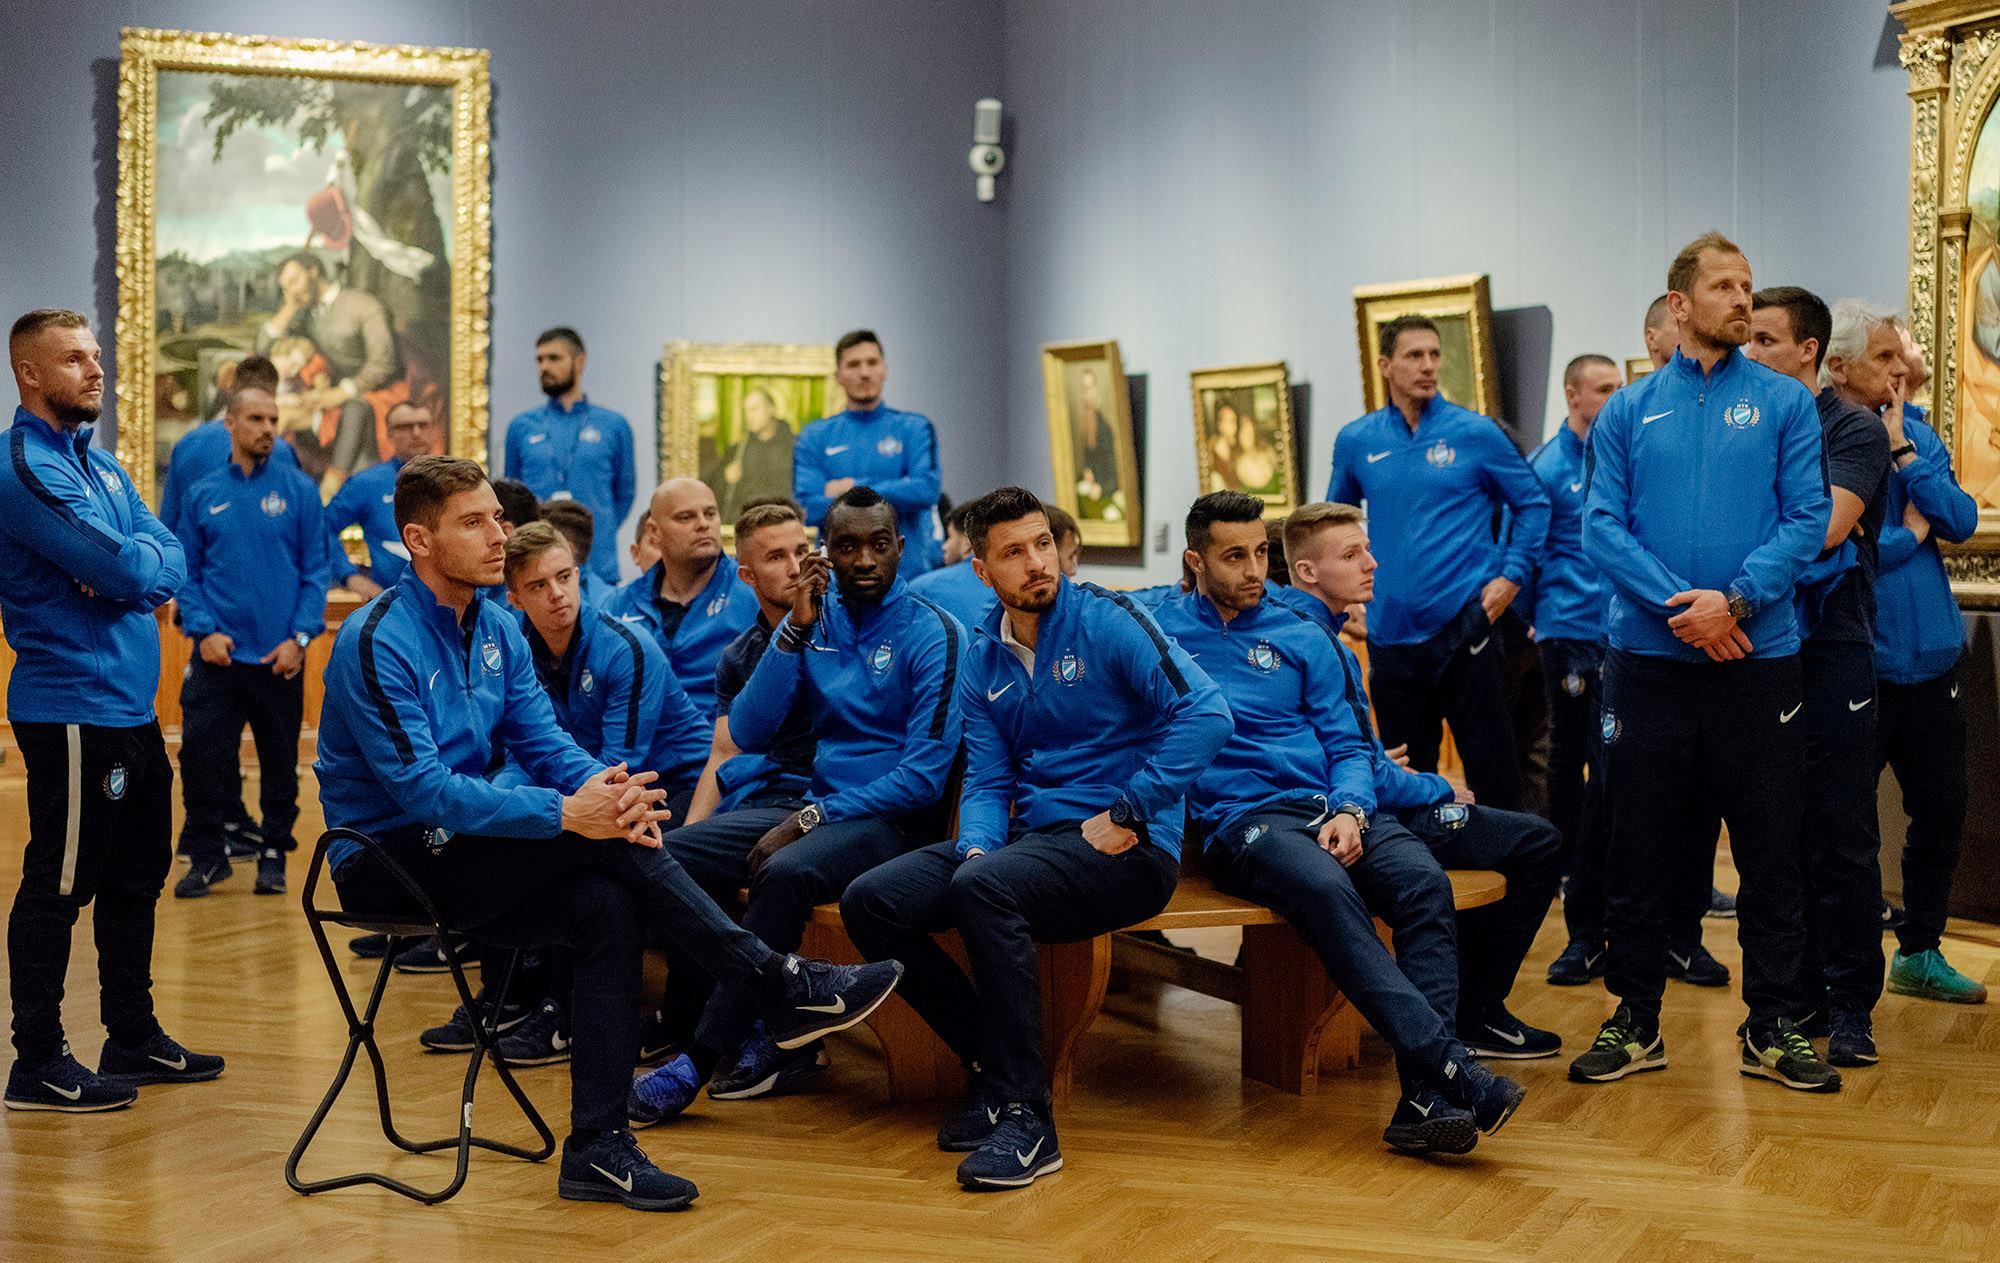 Te is ismered gyerekkorodból az érzést, ami a Szépművészeti Múzeumba elvitt MTK-s focisták arcára van írva?